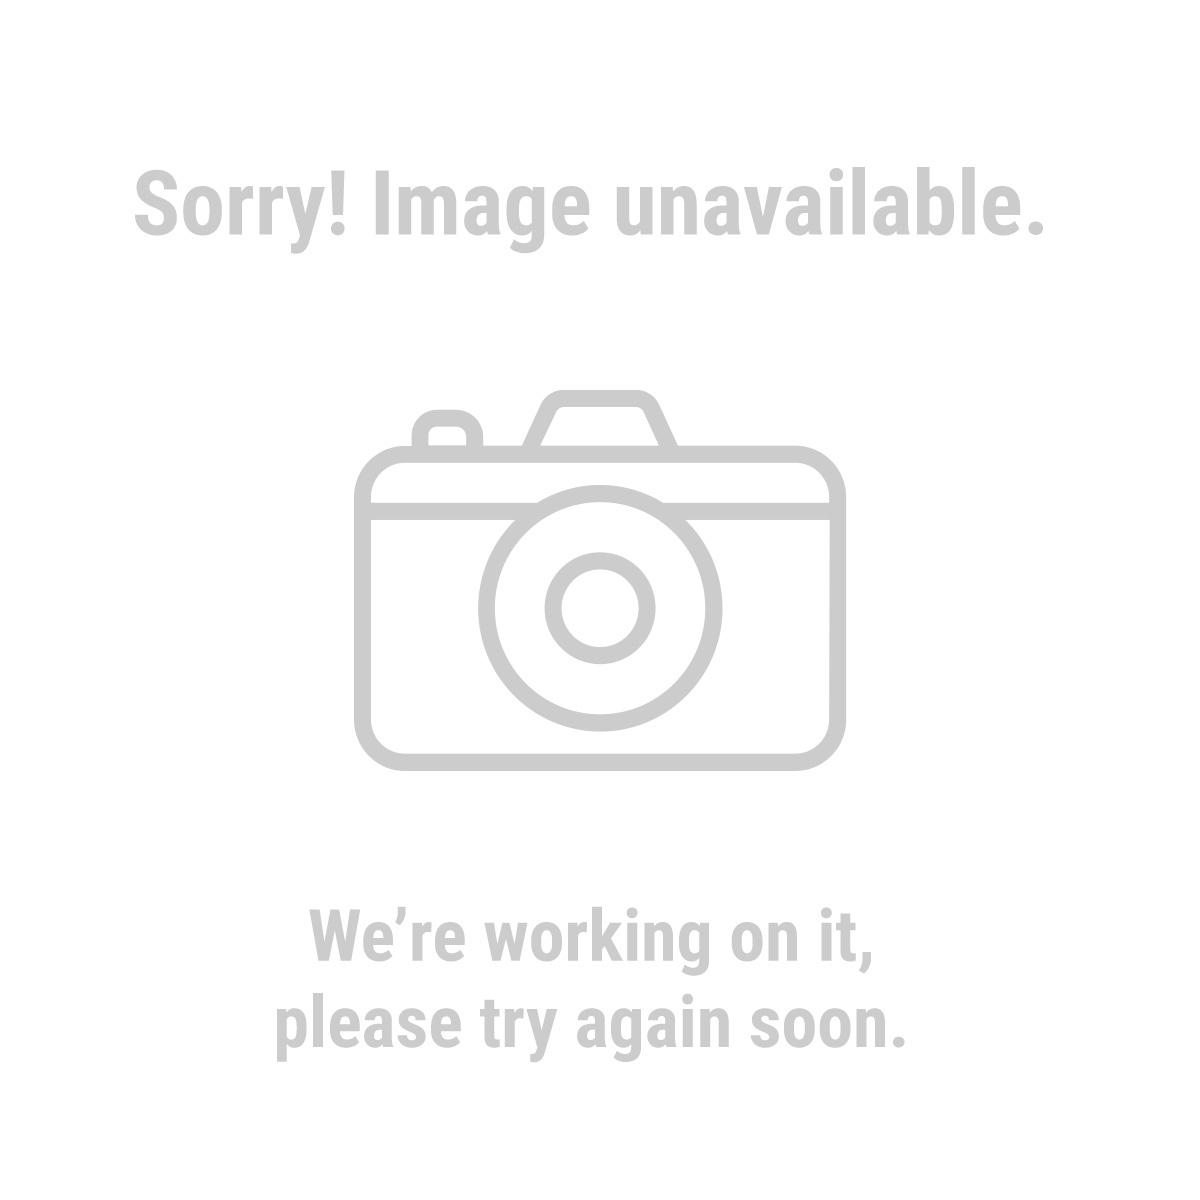 Gorilla 94729 Gorilla Tape